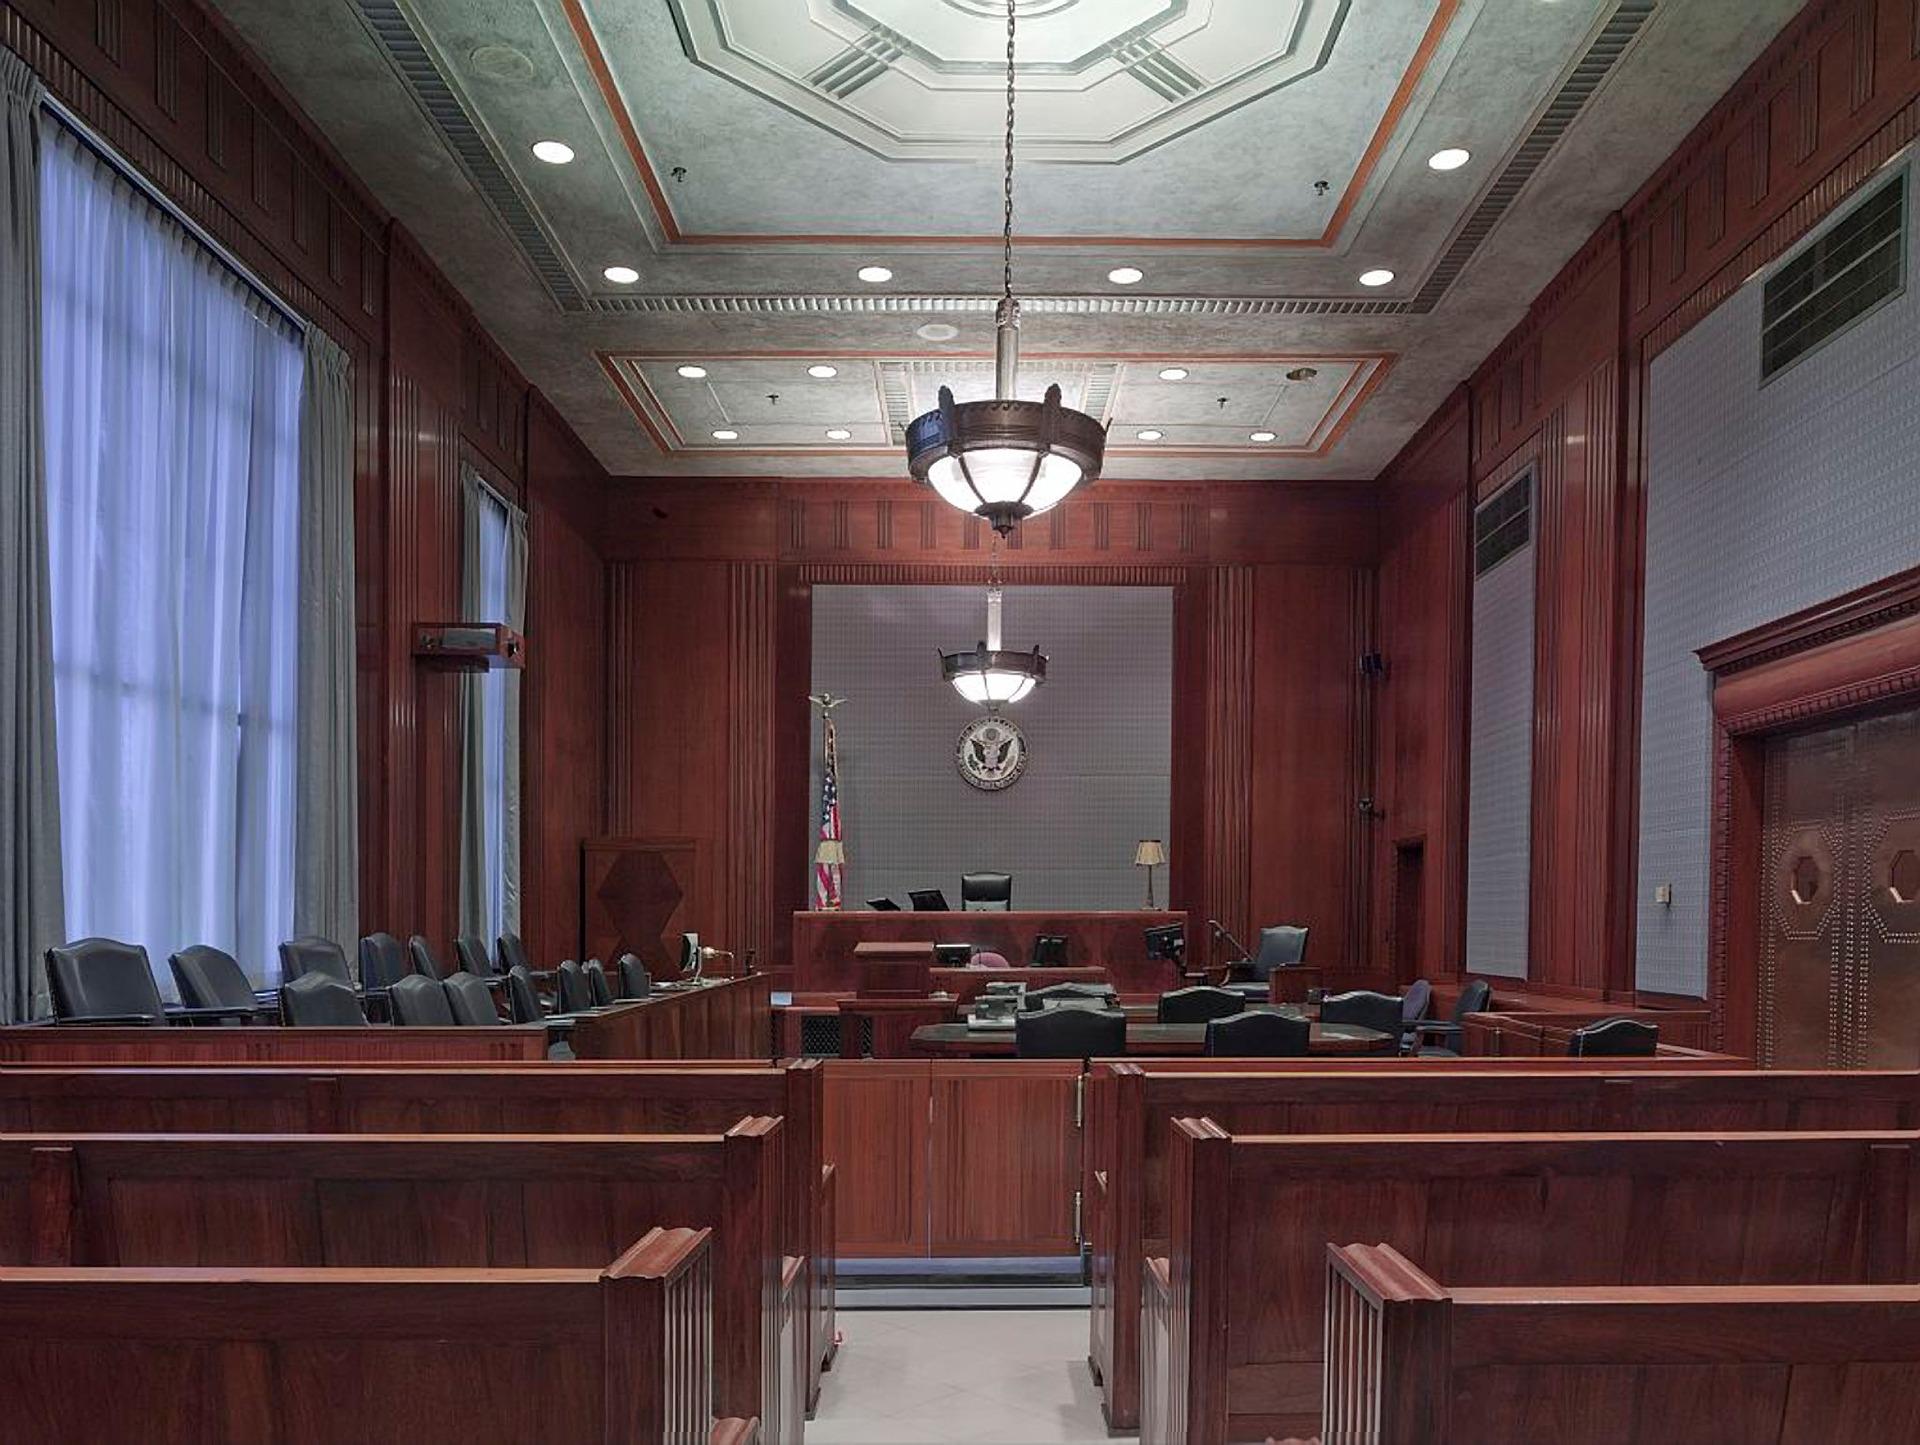 Jury Duty Process